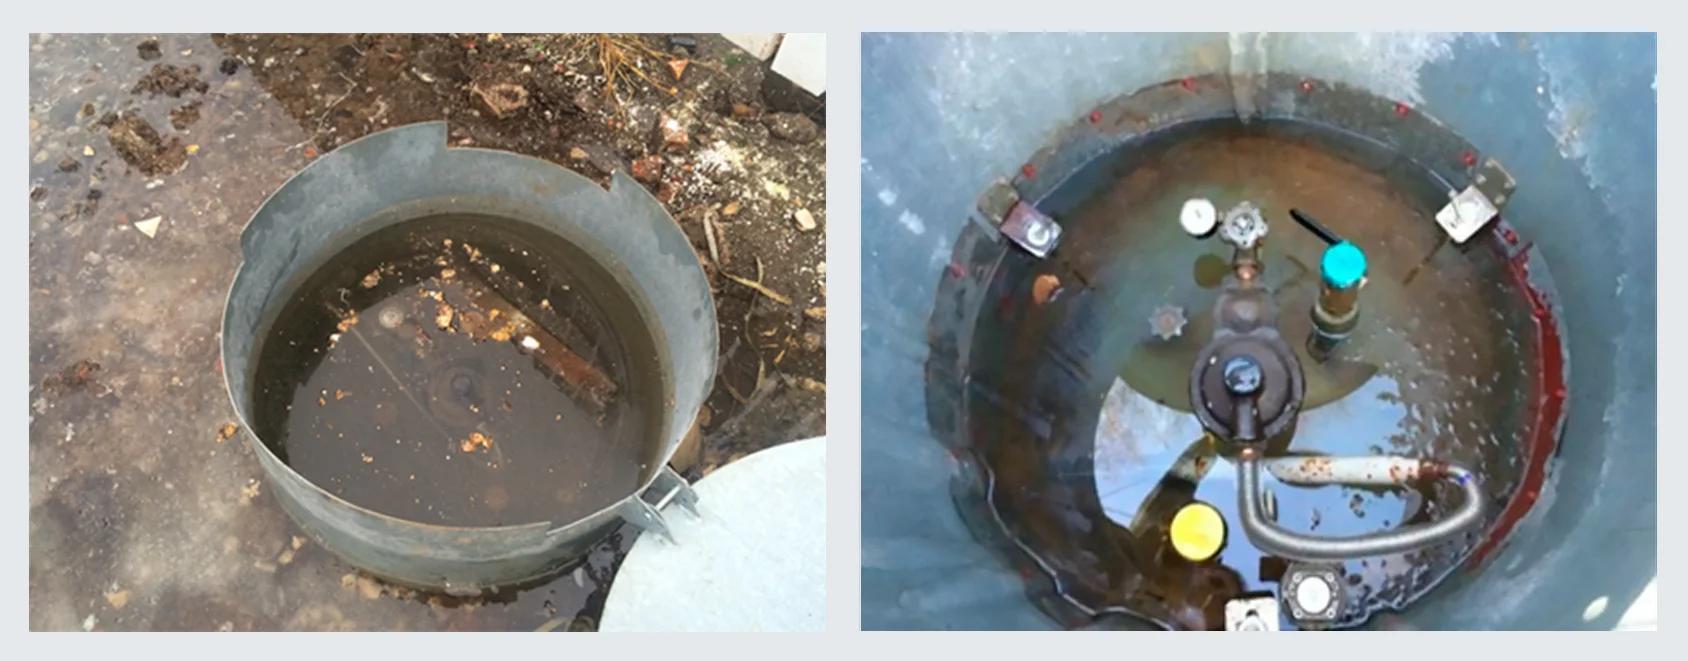 Фото газгольдера с затопленной арматурой и управляющим оборудованием